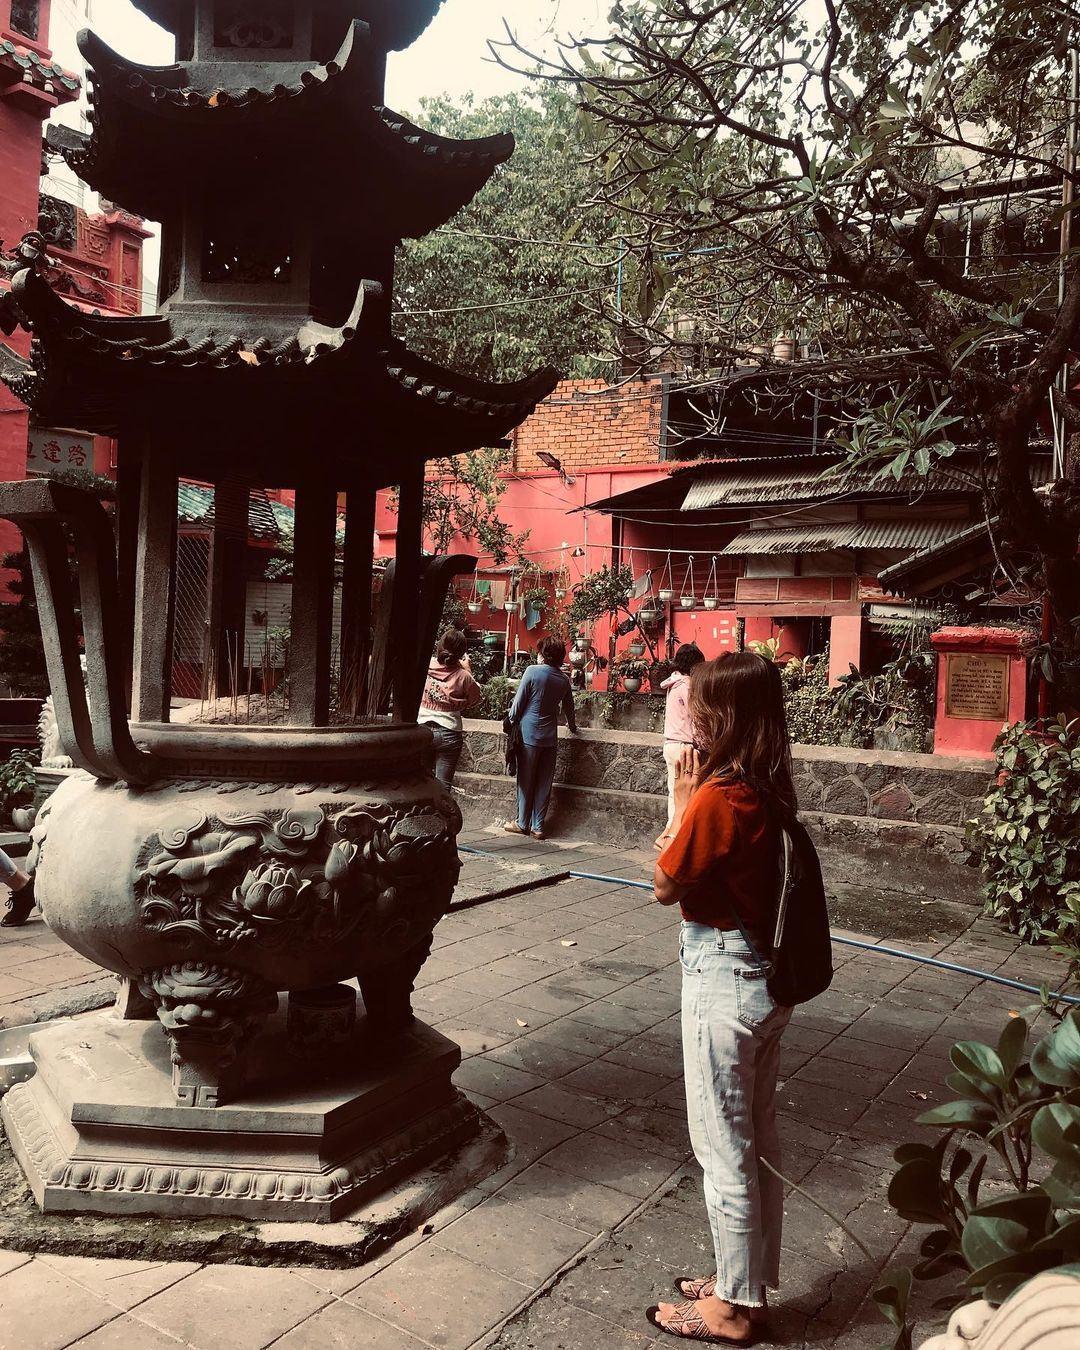 đi chùa Ngọc Hoàng câu duyên